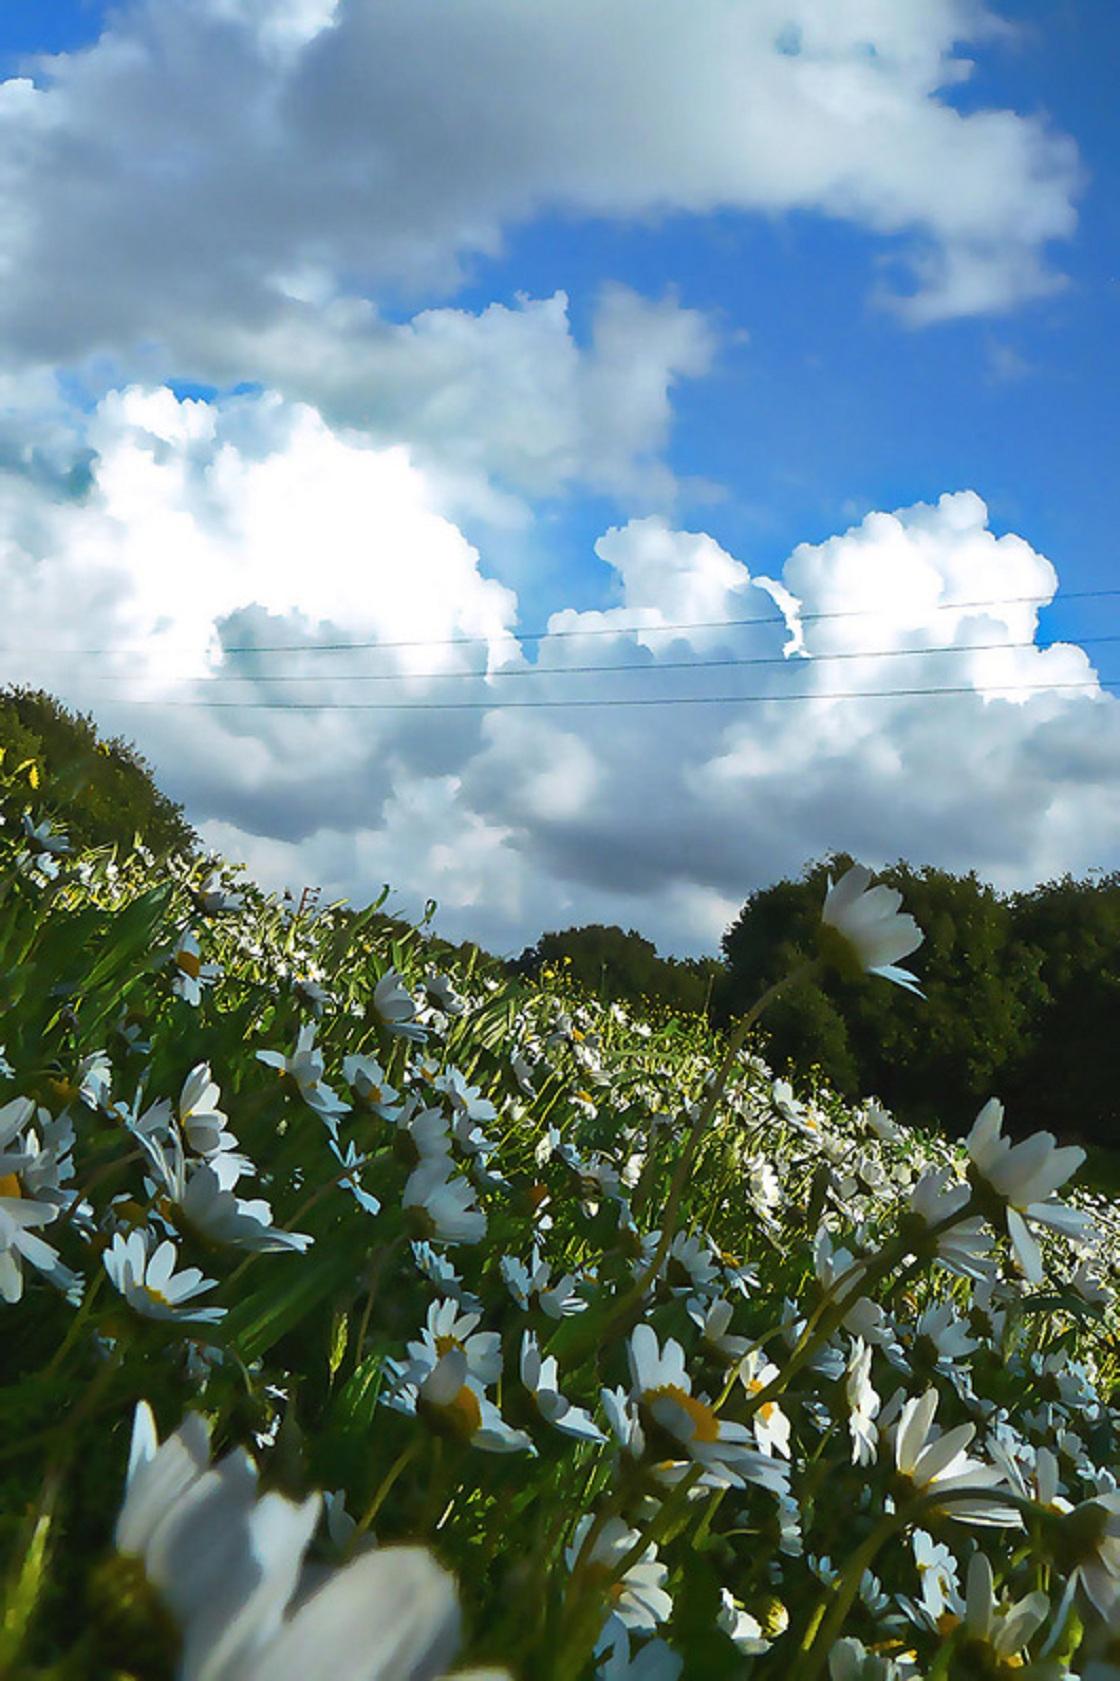 حقلٌ من الزهور البيضاء في جبل لبنان.